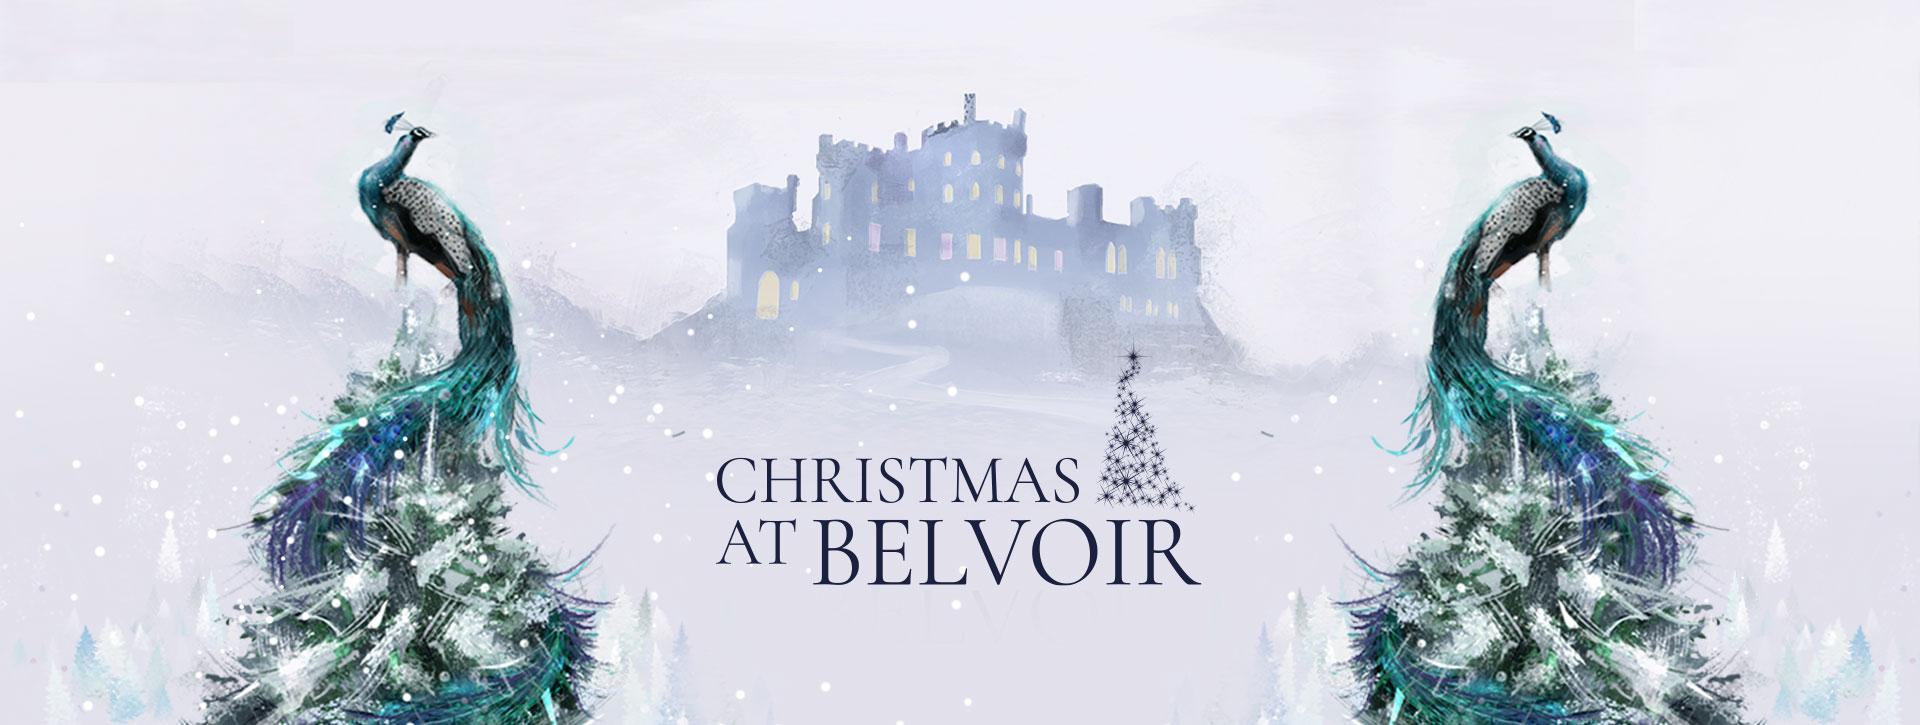 Christmas 2021 at Belvoir Castle